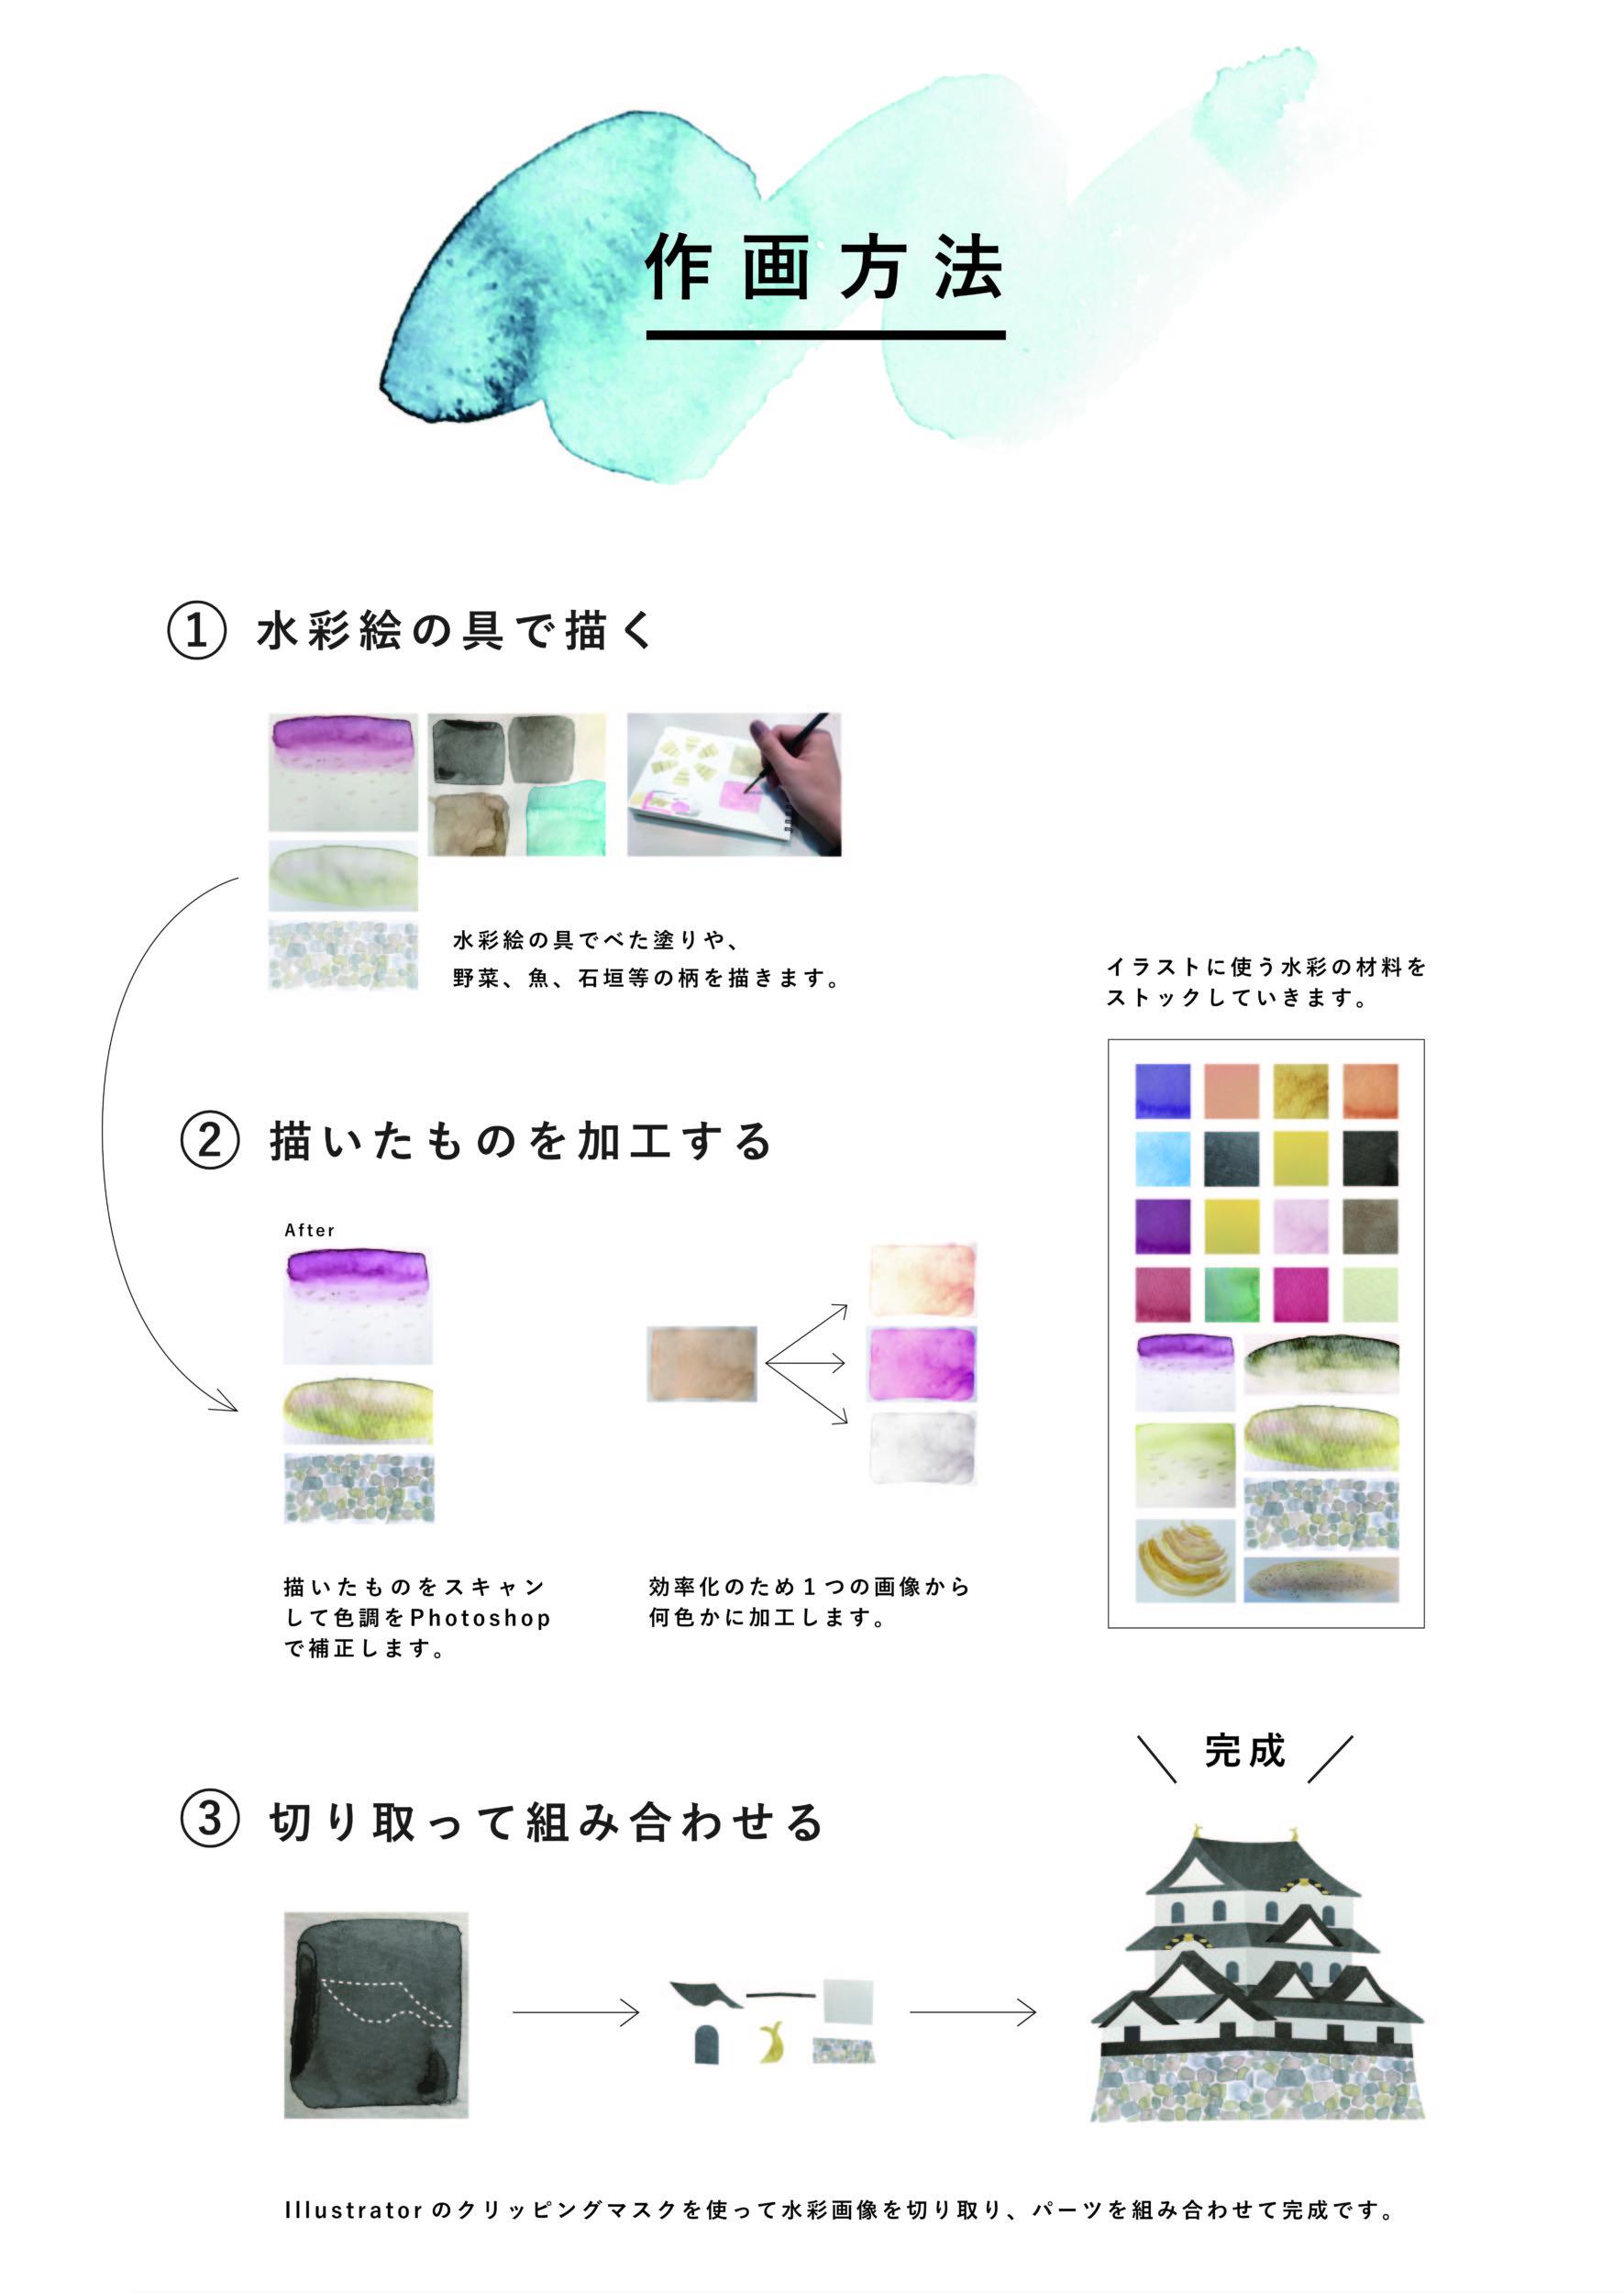 無料イラスト素材サイト「滋賀イラスト素材」制作者・島先 沢さん